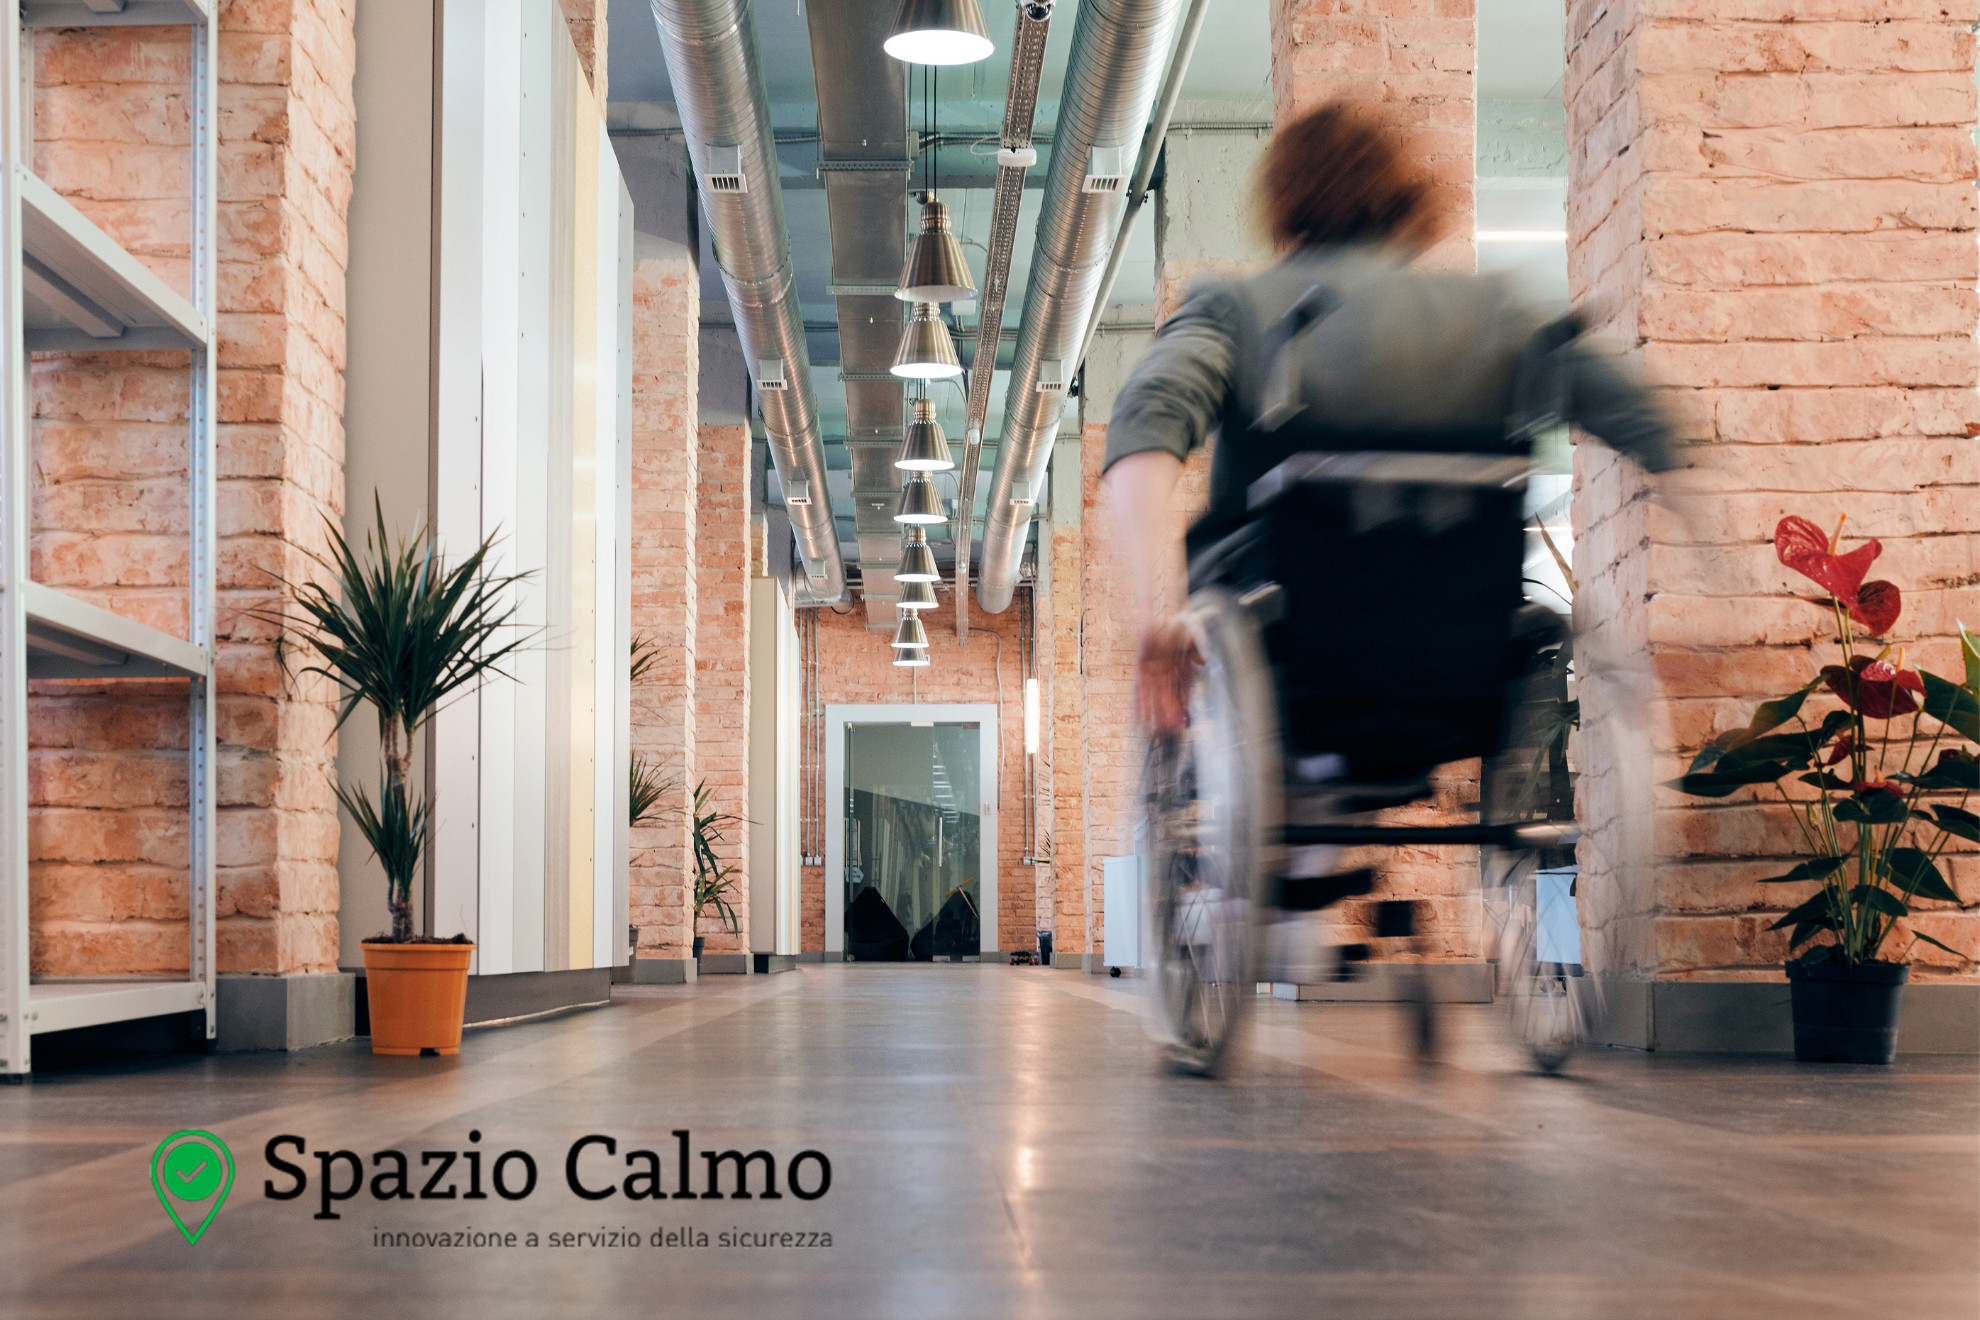 ALLESTIRE UNO SPAZIO CALMO